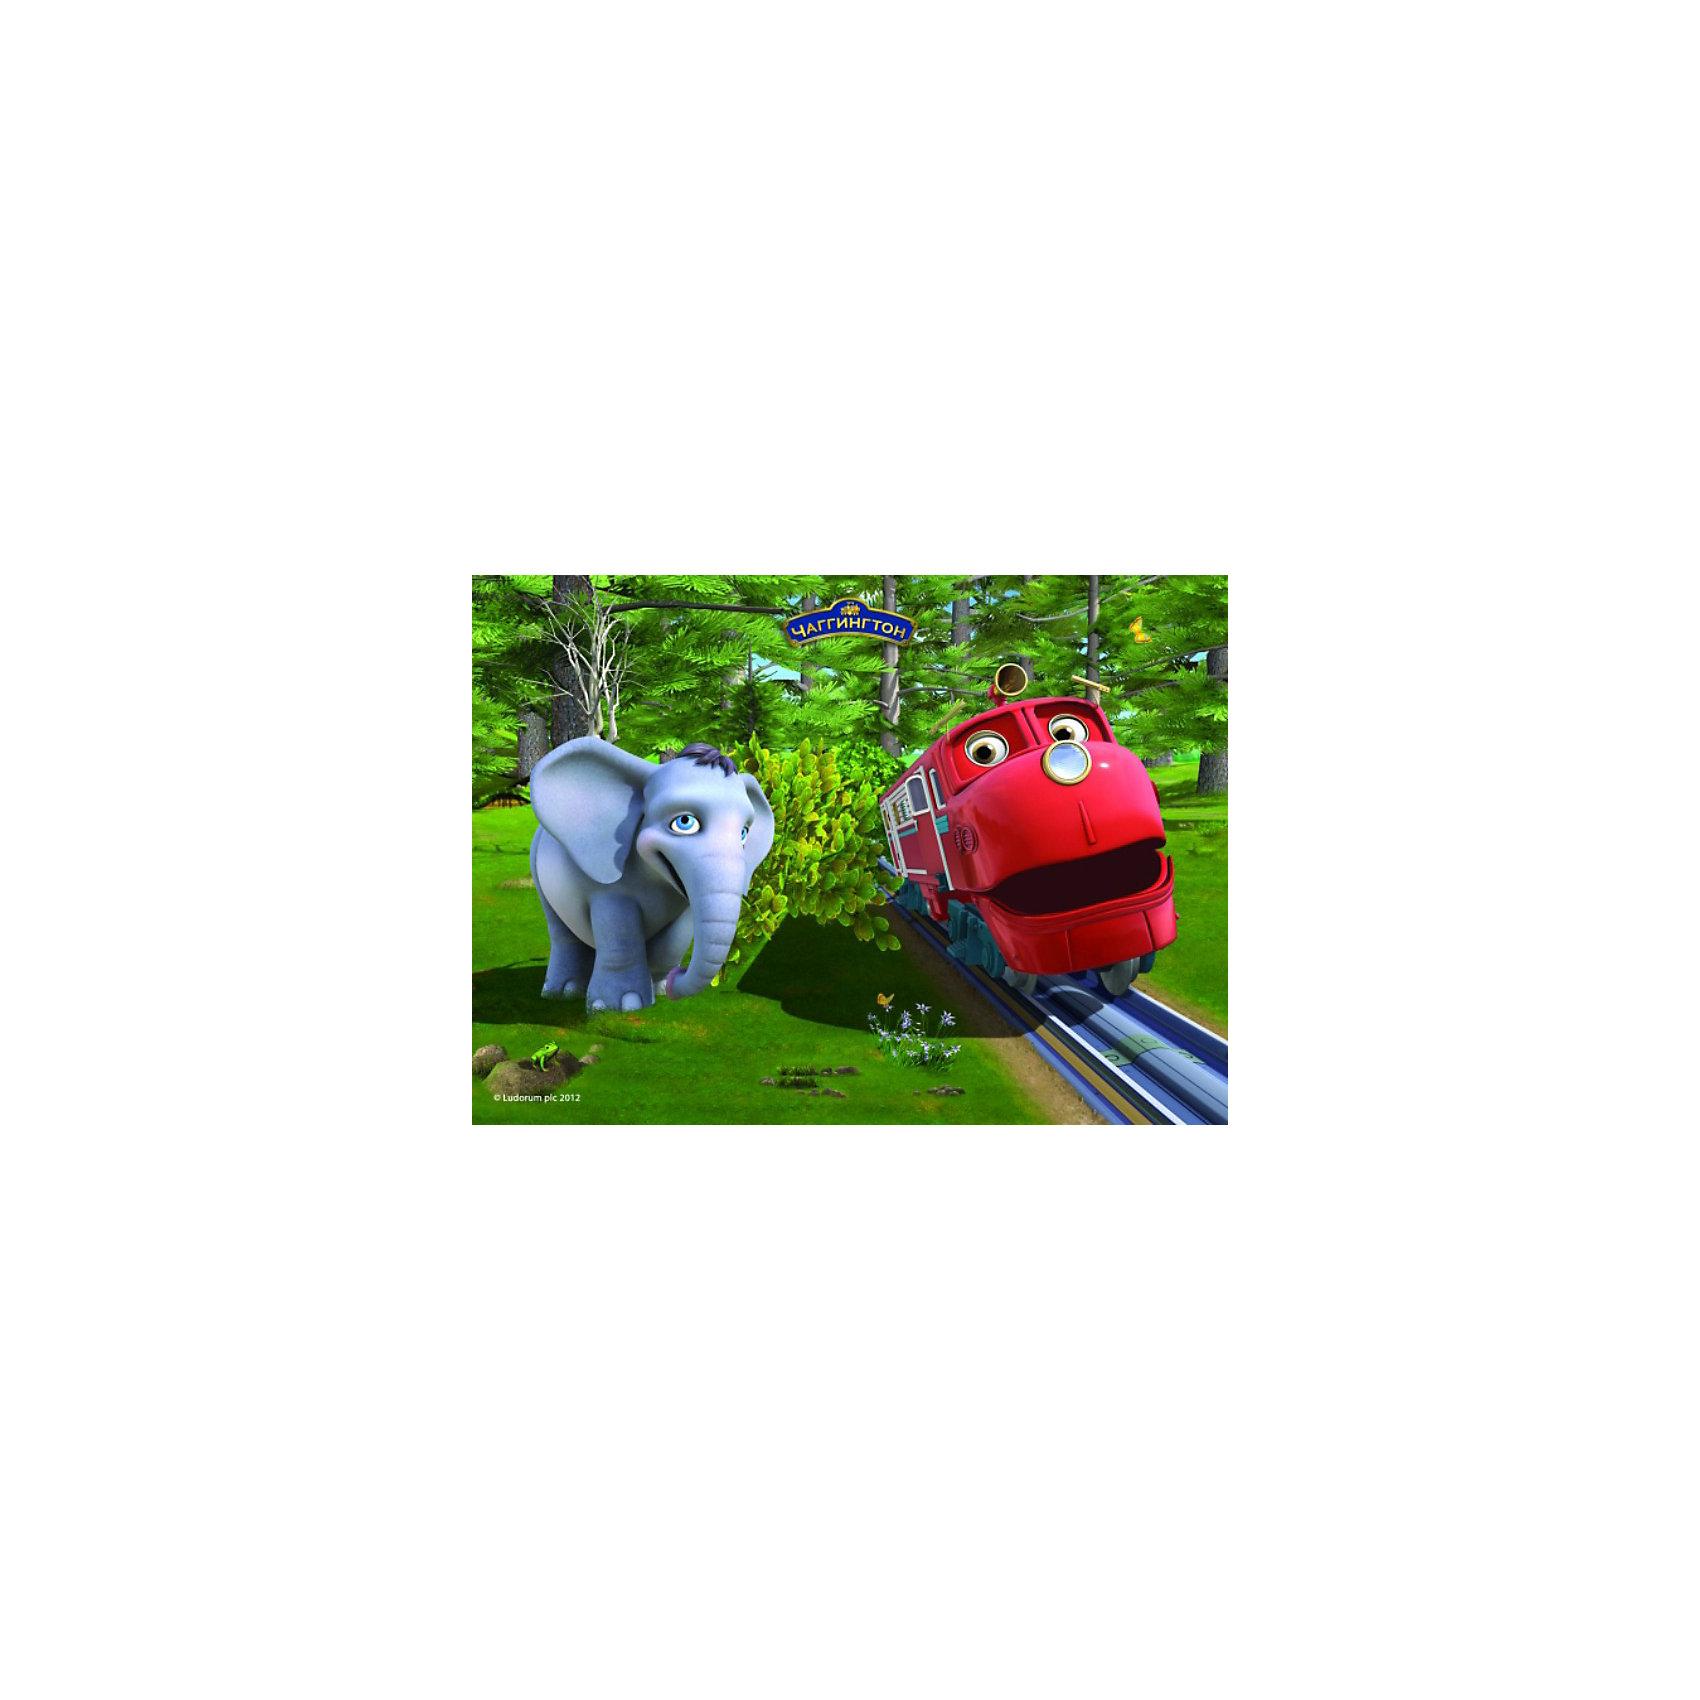 Castorland Пазлы Чаггингтон 30 деталей, Уилсон и слоненок castorland пазлы прага чехия 1000 деталей castorland